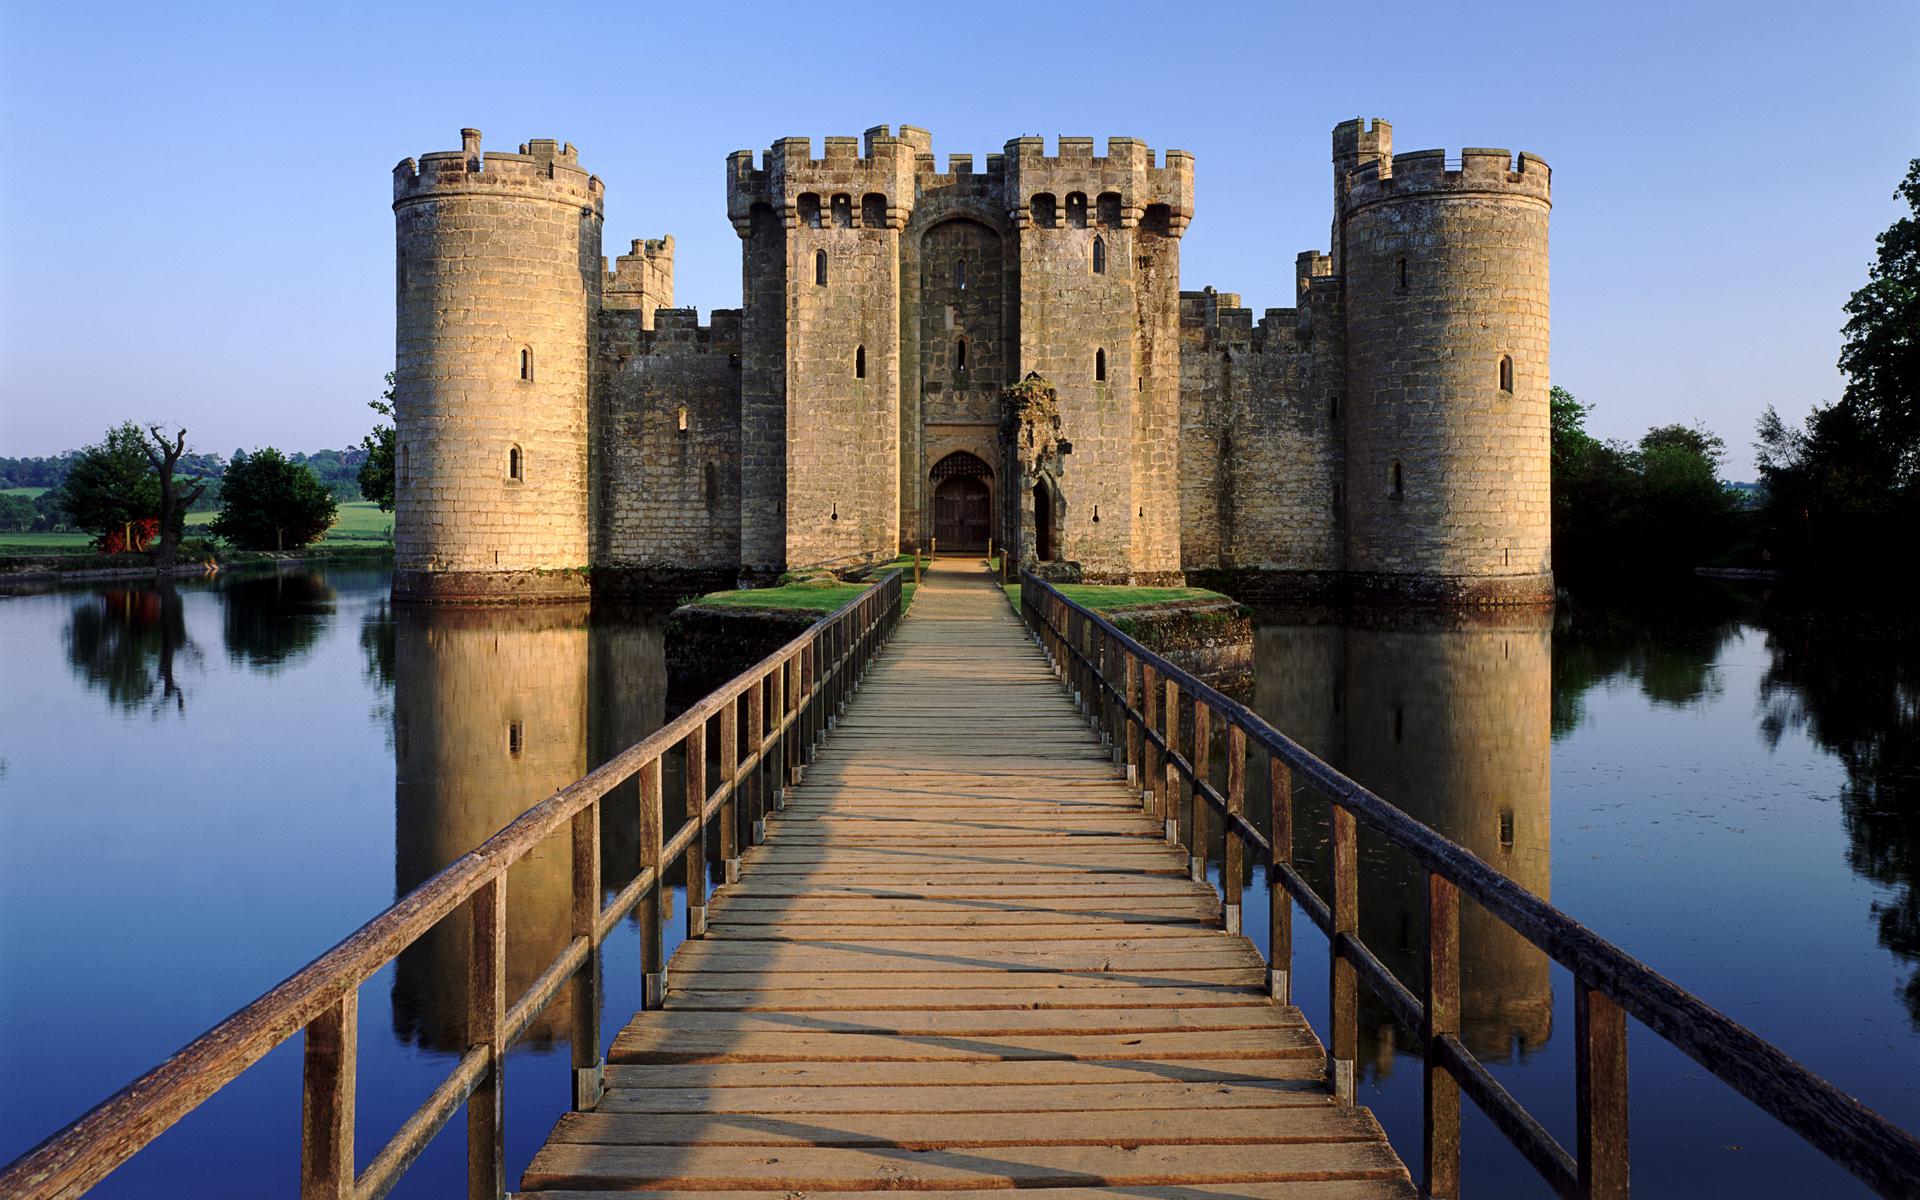 欧洲著名城堡建筑高清壁纸[21p]图片